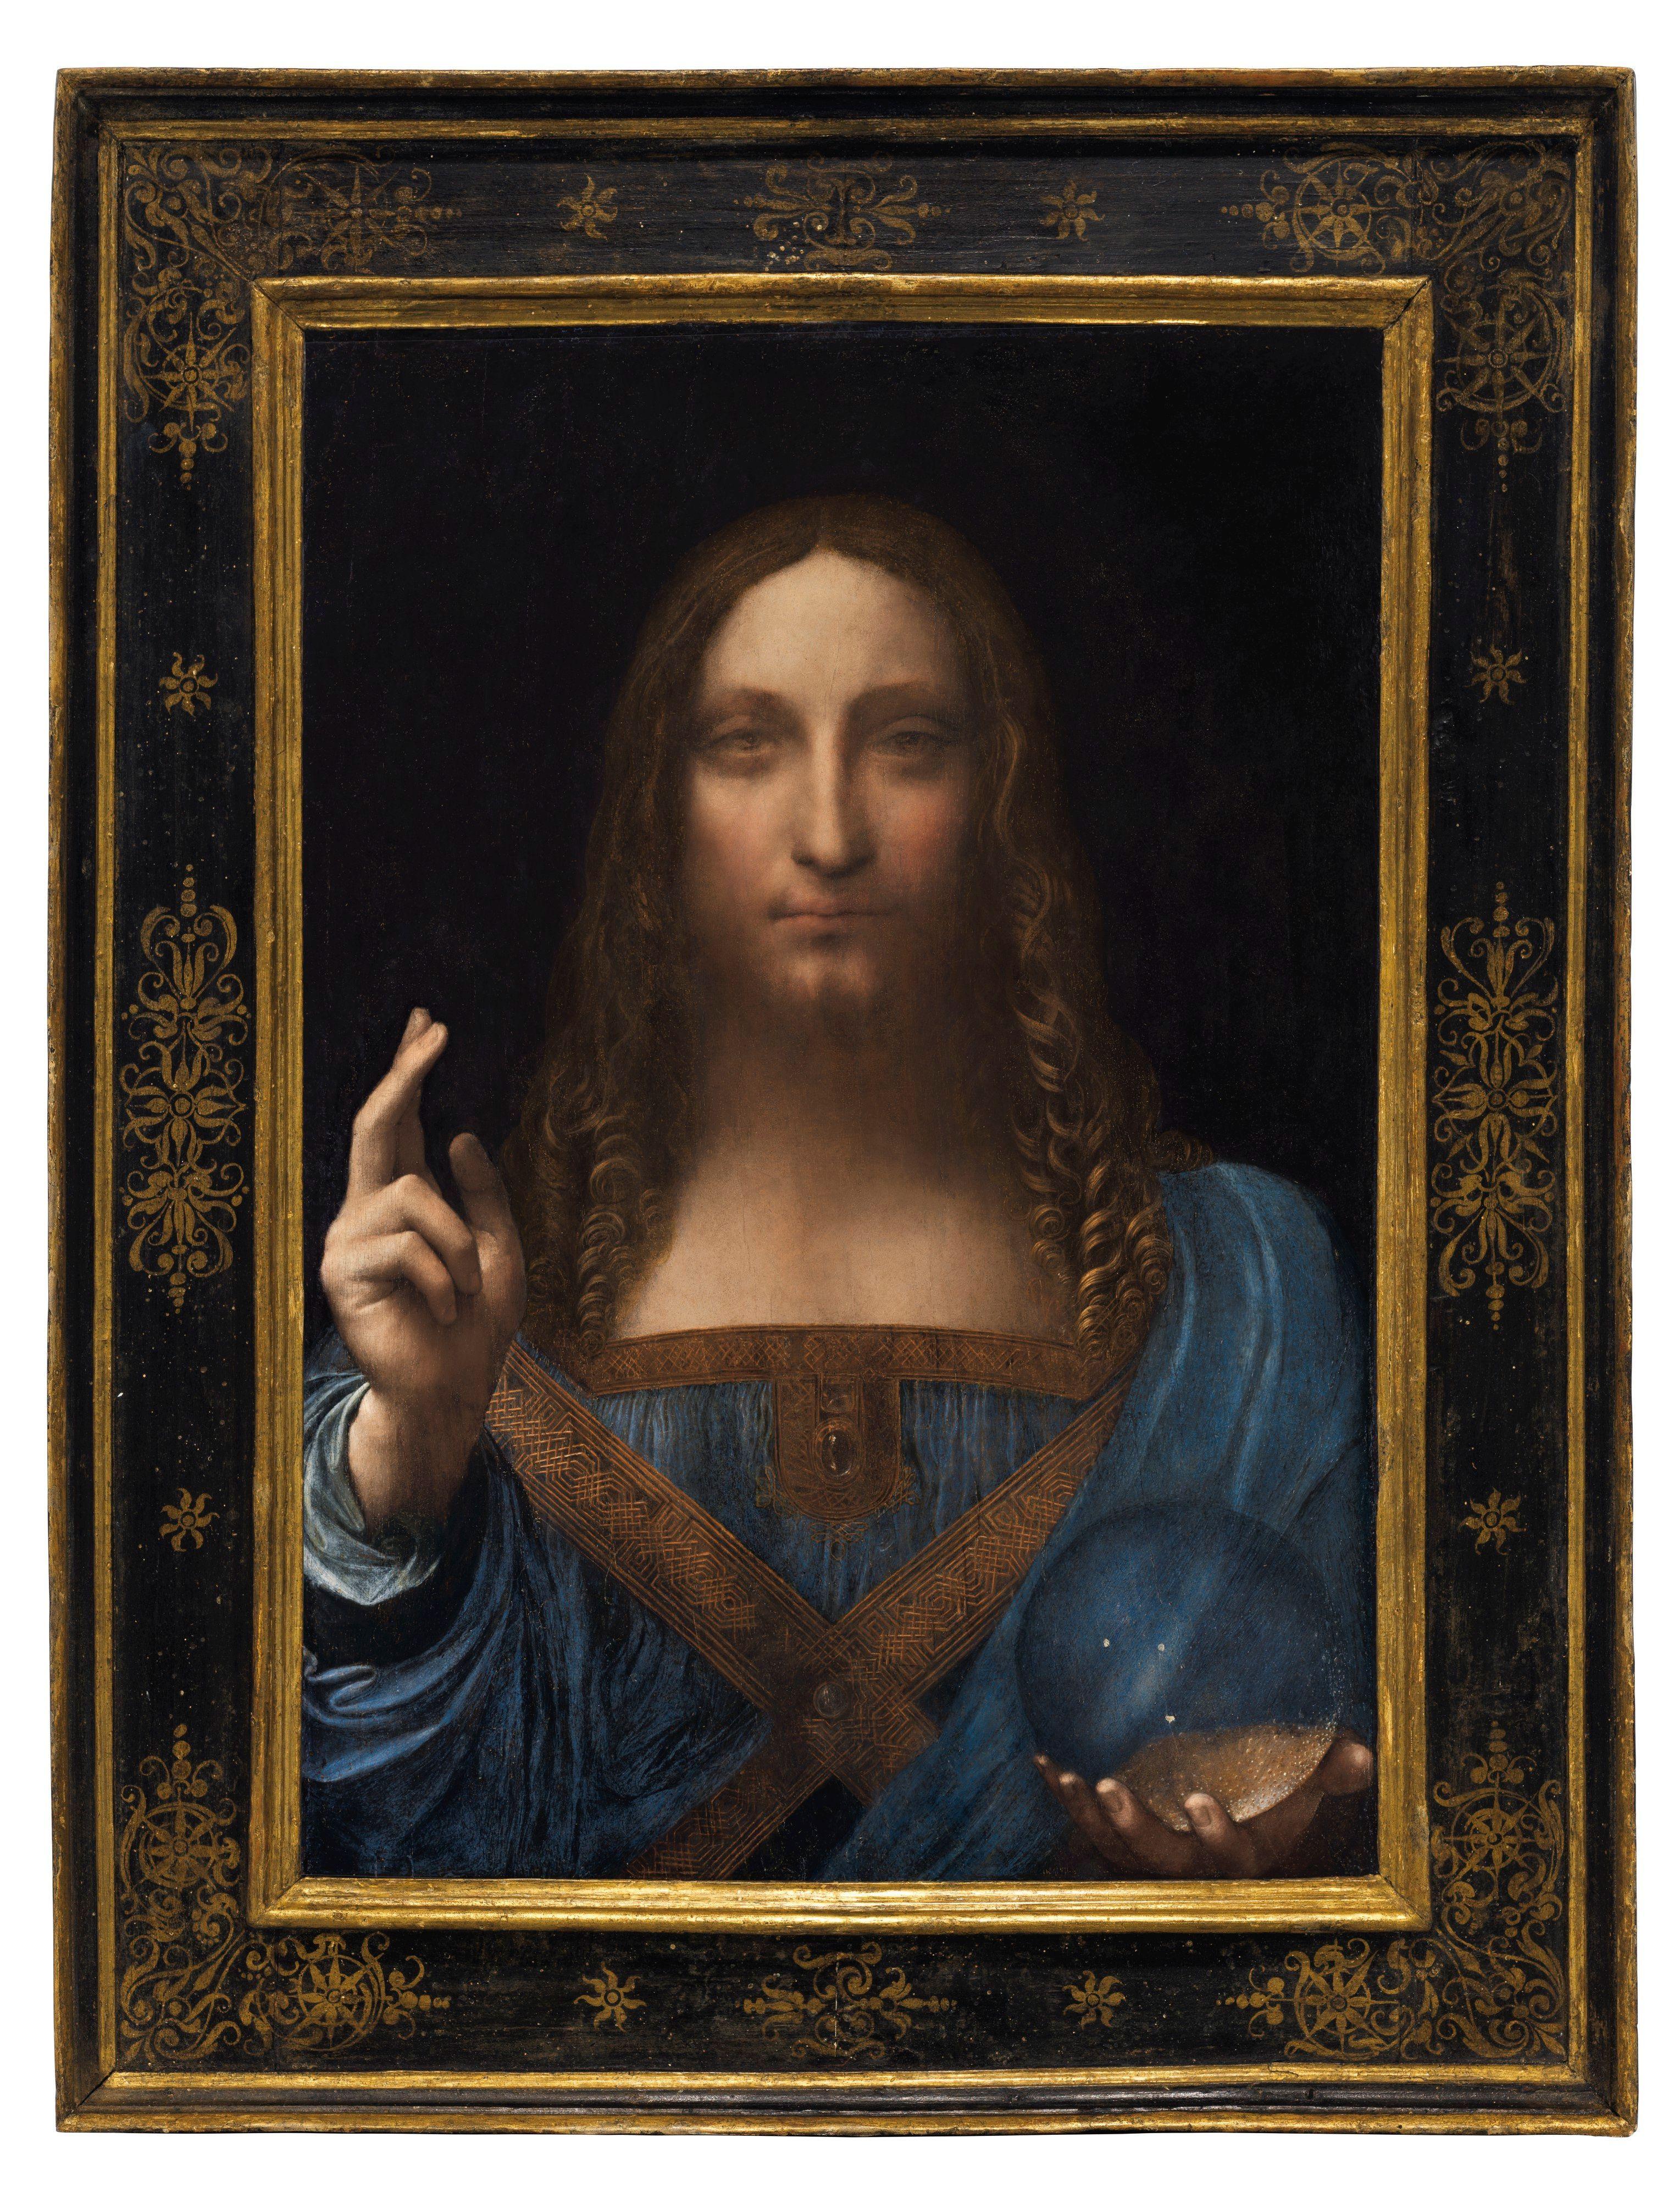 Ce Tableau De Leonard De Vinci Devient De Tres Loin Le Plus Cher Au Monde De Vinci Leonardo De Vinci Leonard De Vinci